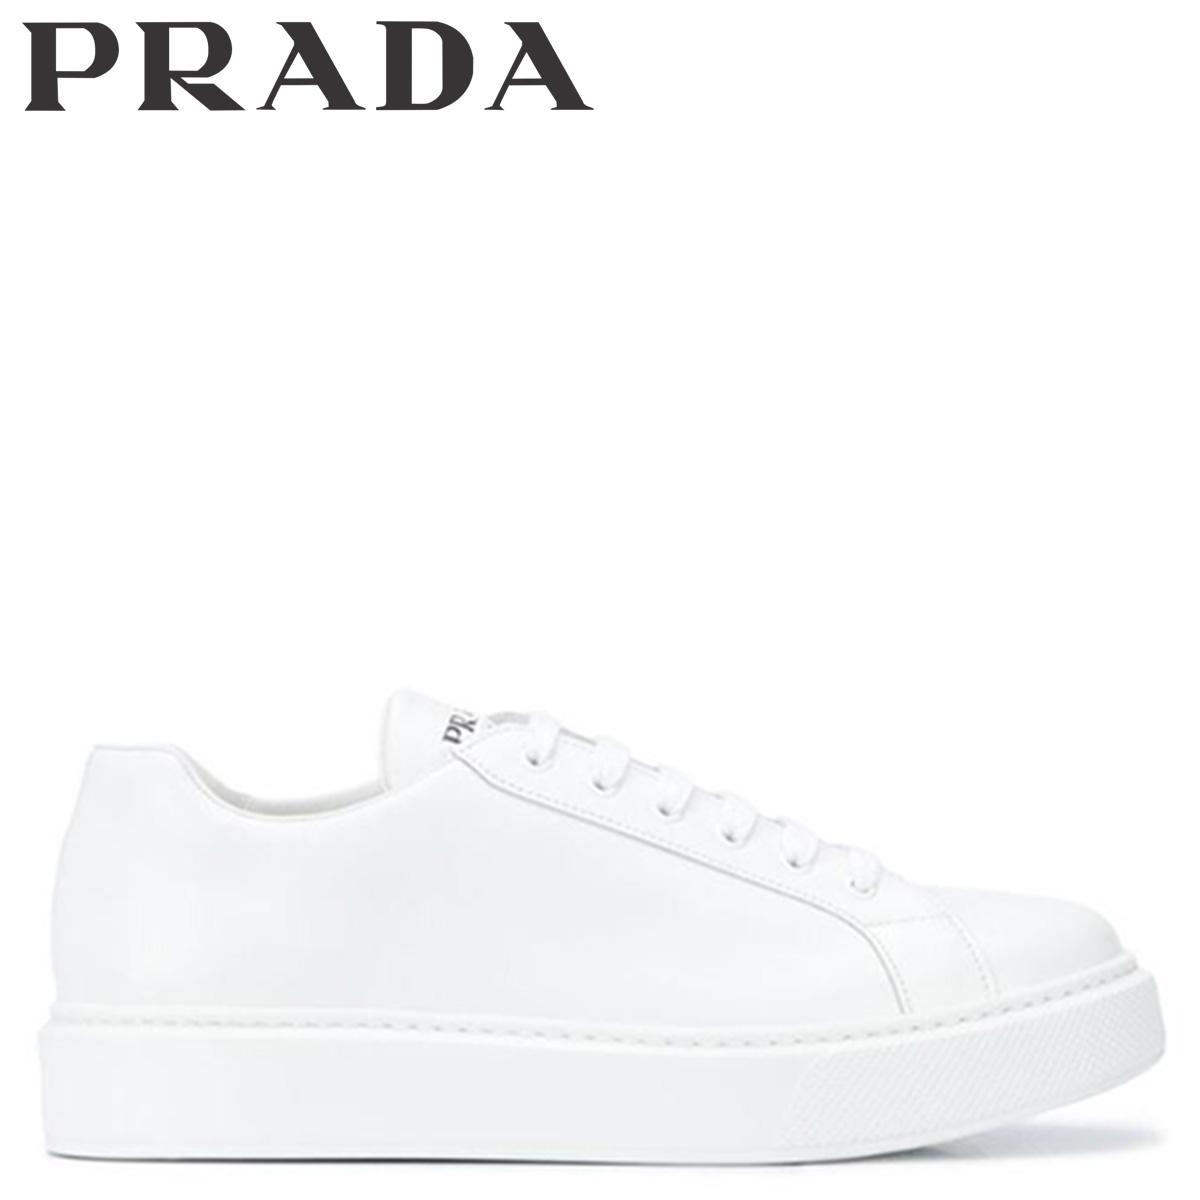 プラダ PRADA スニーカー メンズ NEW SNEAKER FONDO CASSETTA ホワイト 白 4E3489 [3/3 新入荷]